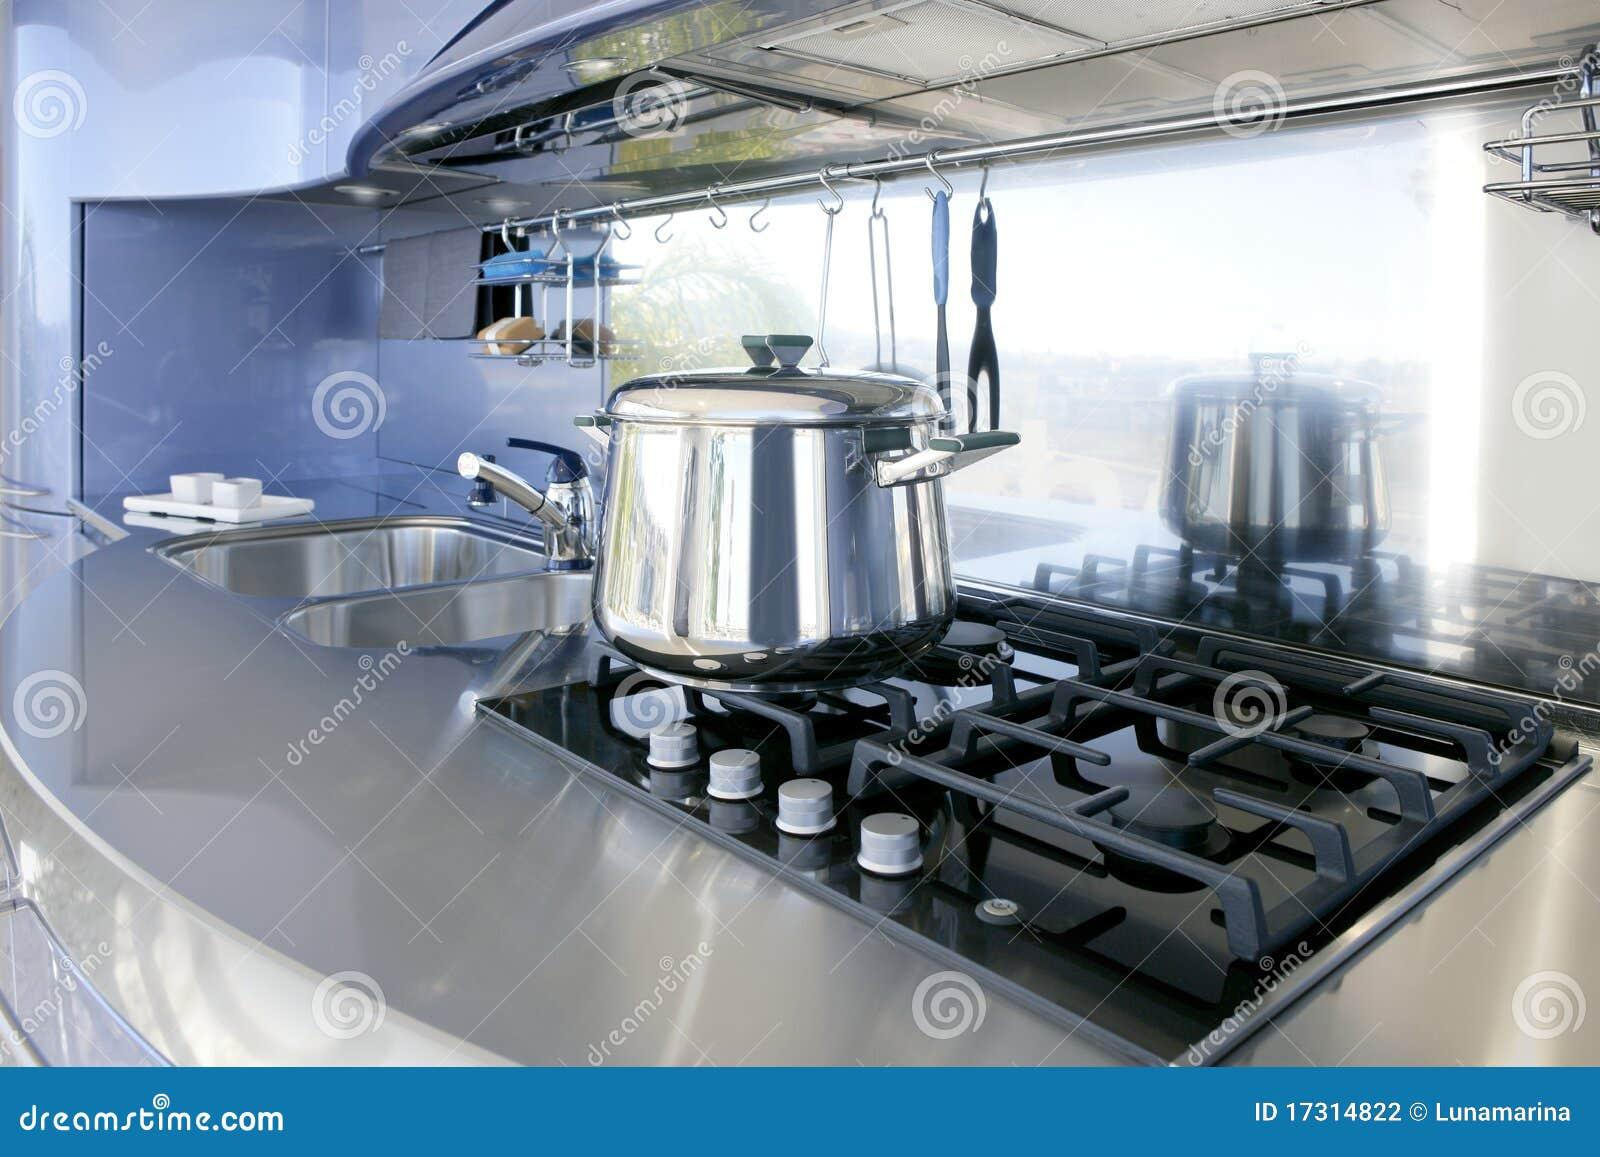 De blauwe zilveren decoratie van de keuken moderne architectuur stock foto afbeelding 17314822 - Decoratie van keukens ...